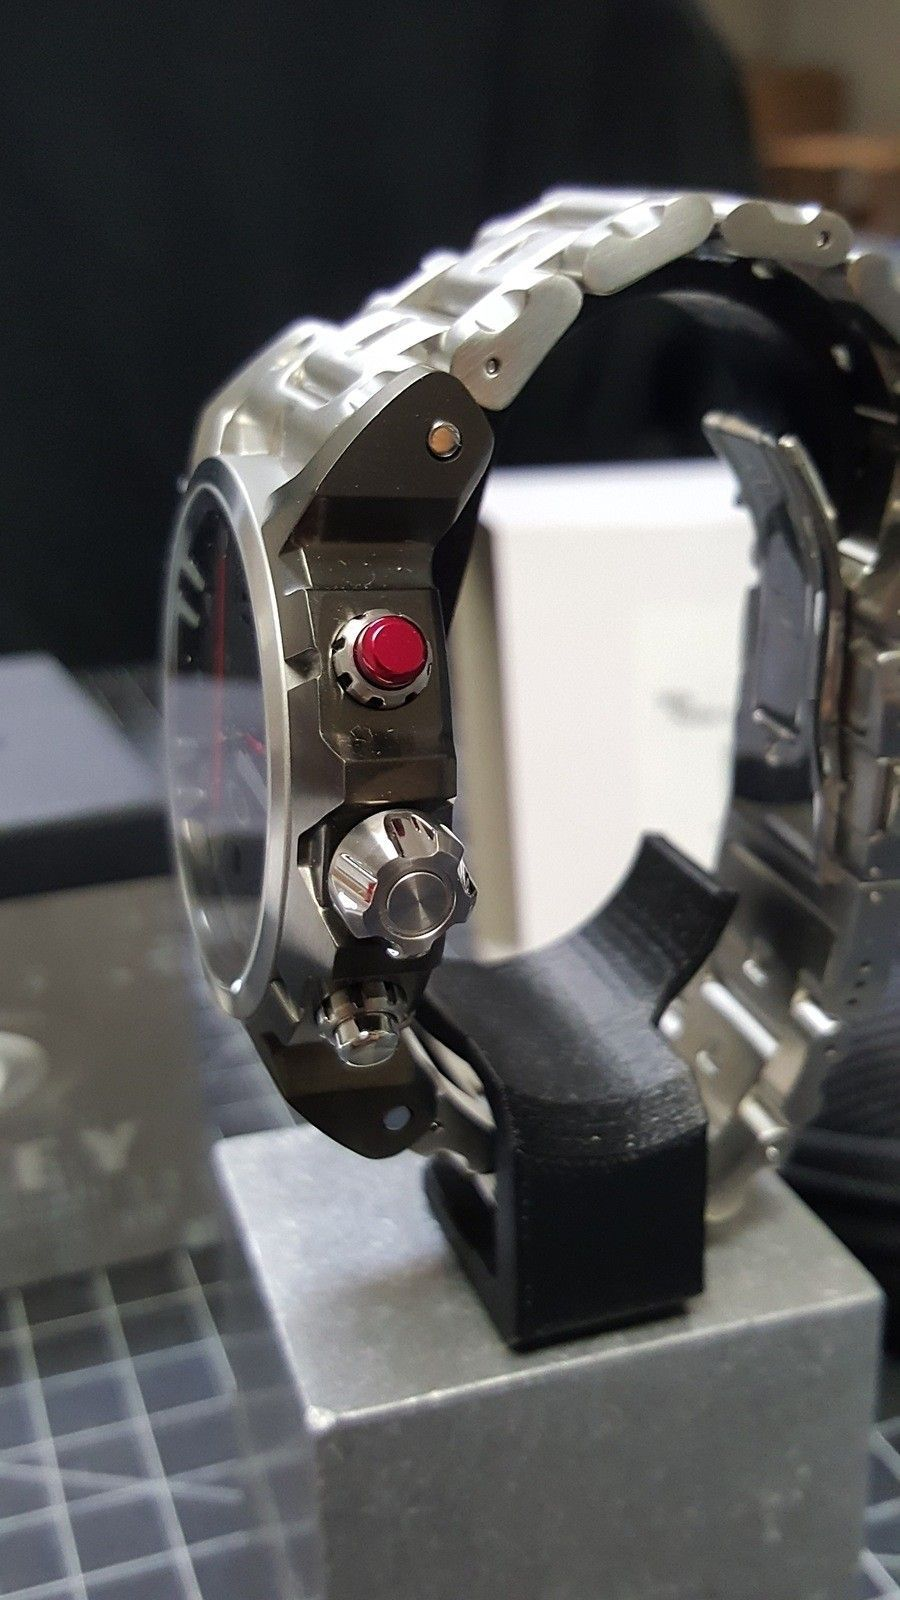 Double Tap - 800.00 Watch - Total Cost - Nib. w/metal bracelet w/case CONUS - 20160111_095039.jpg